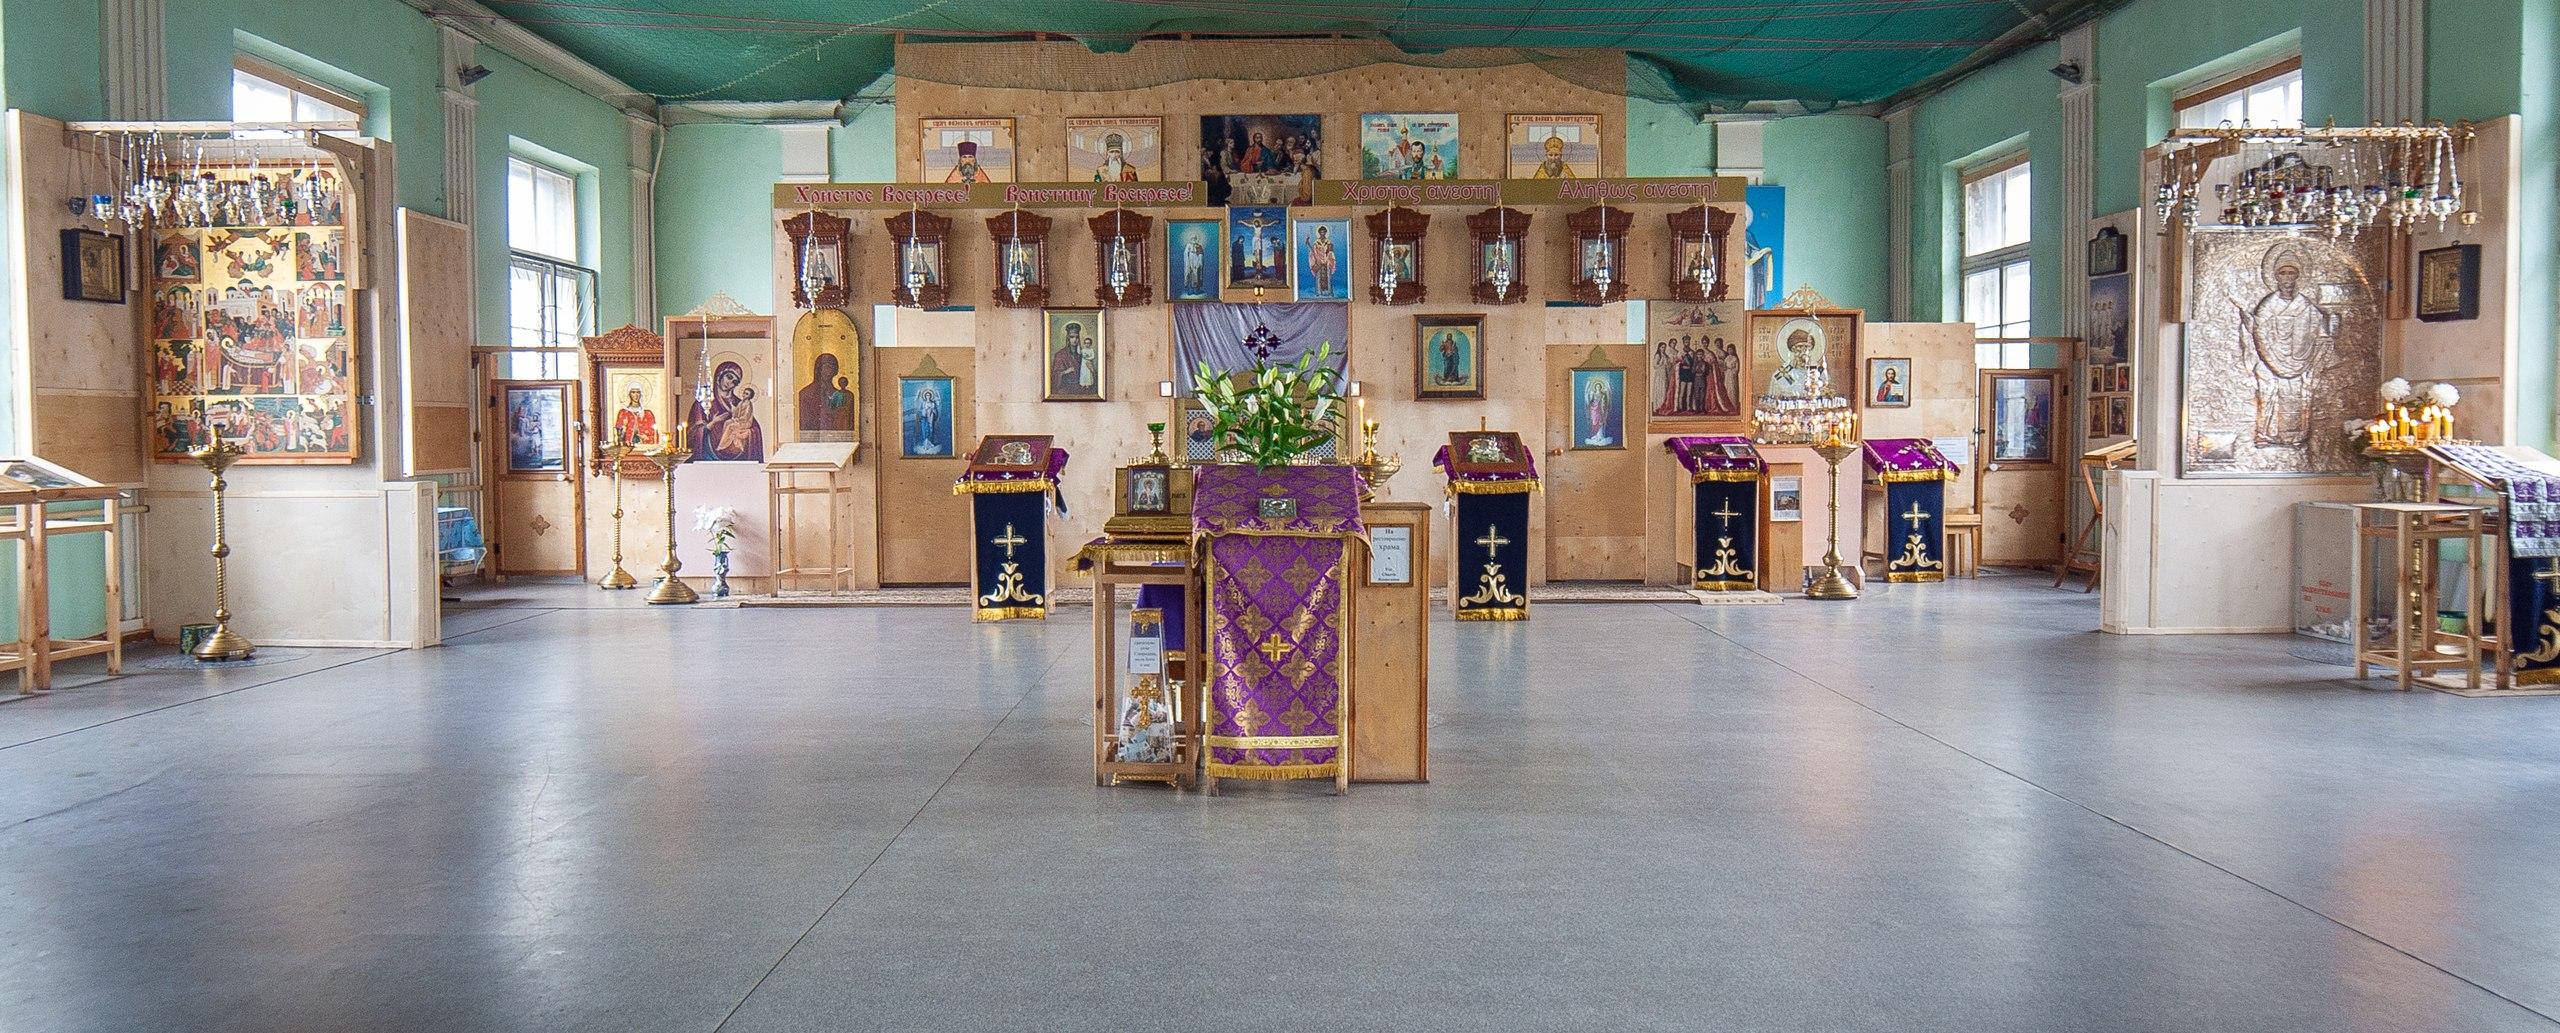 Домовая церковь святителя Николая бывшей офицерской школы в городе Ломоносов (Ораниенбаум)